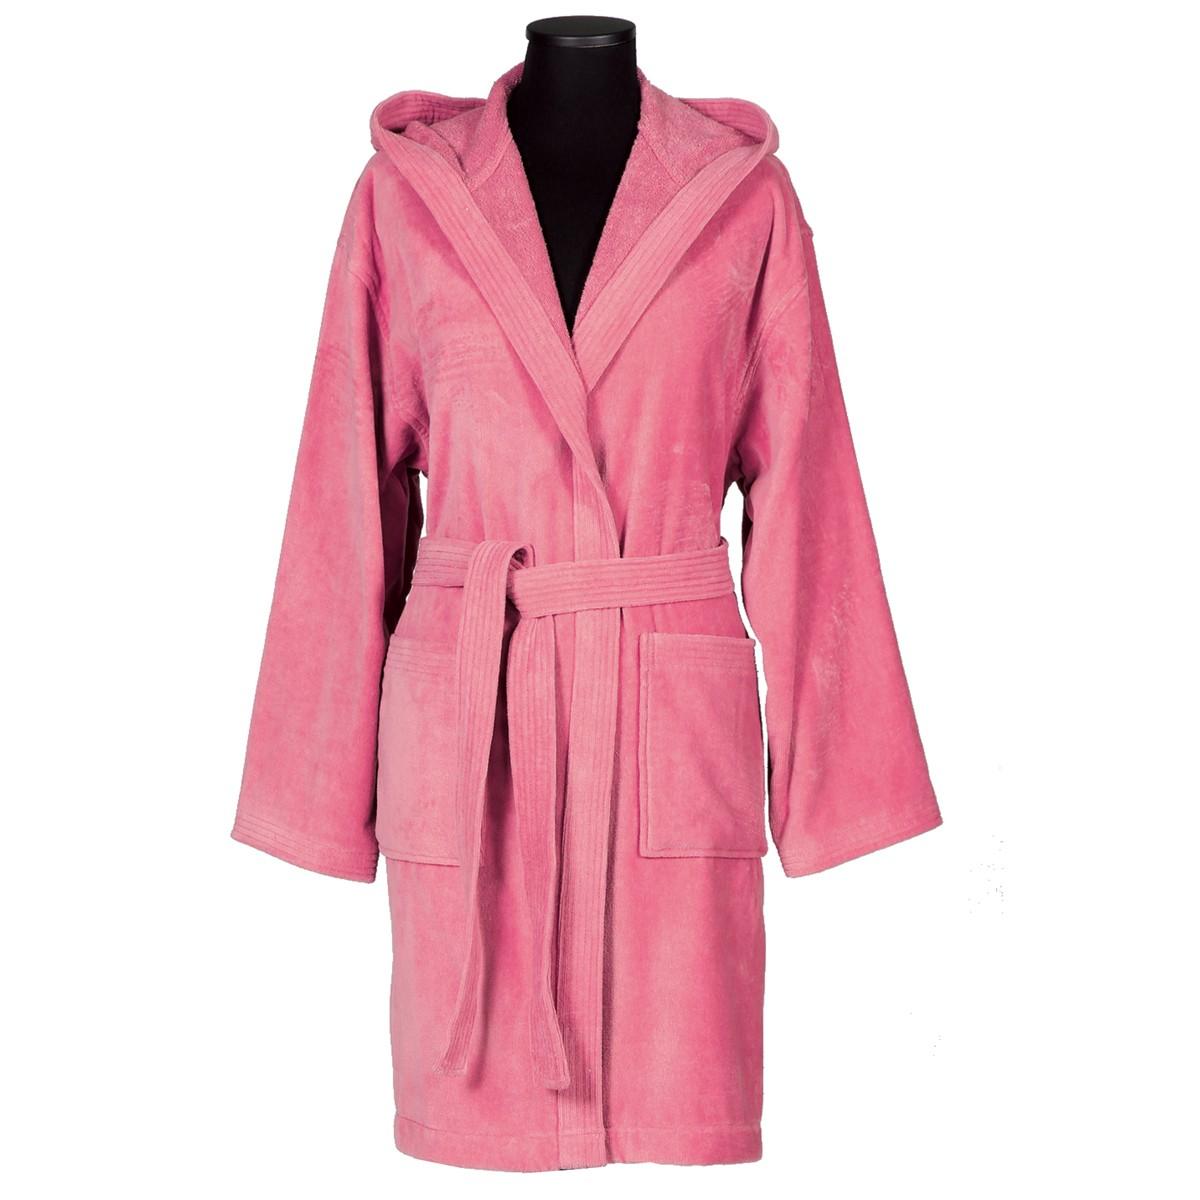 Μπουρνούζι Nef-Nef Style Pink Mini SMALL SMALL